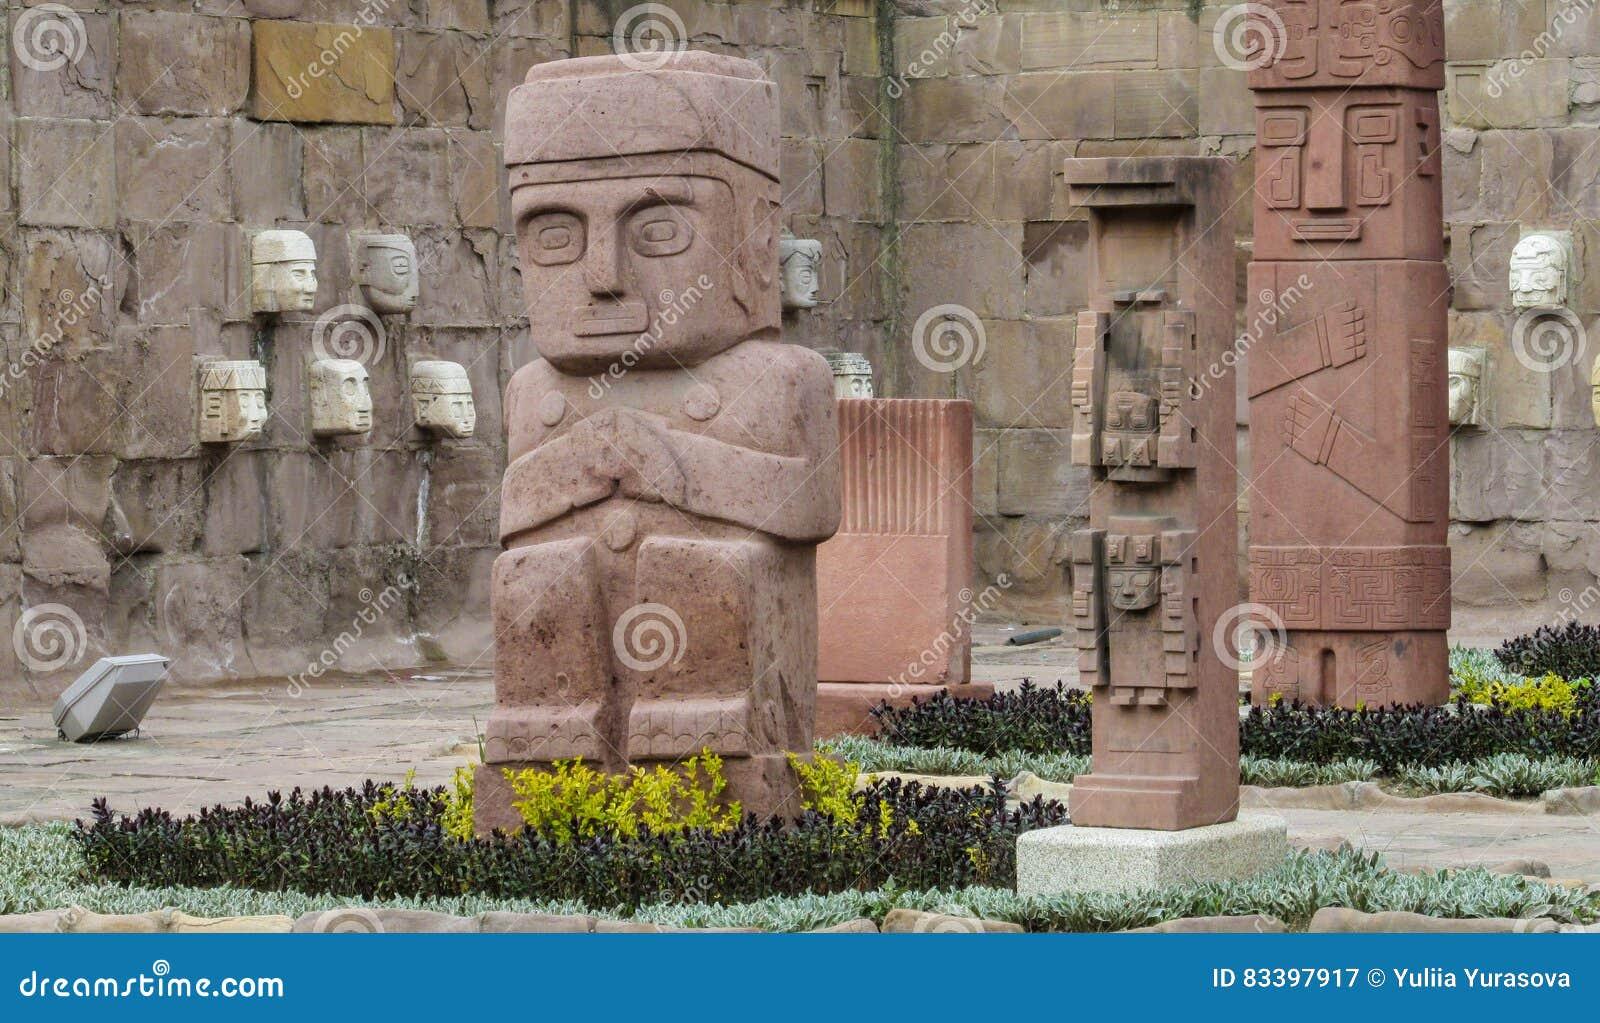 Idol statue from Tiwanaku in La Paz, Bolivia